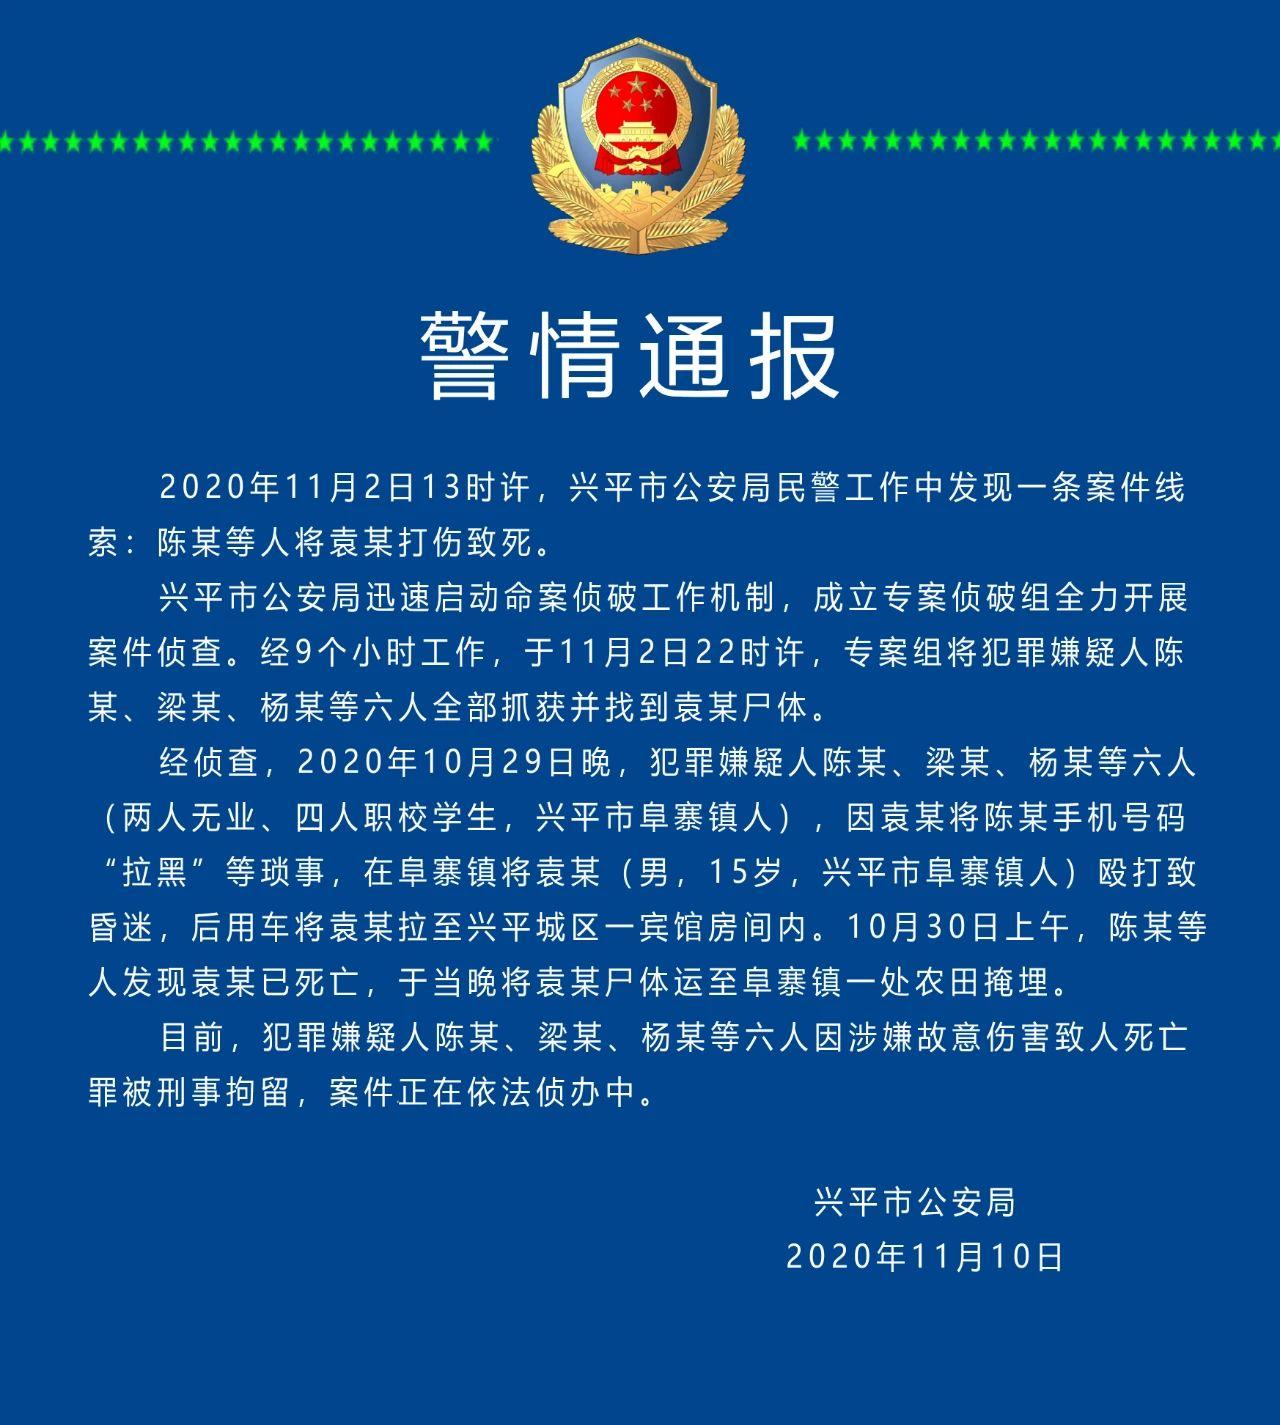 15岁少年遭围殴致死后被埋 陕西警方通报:起因系死者将其中一人电话拉黑